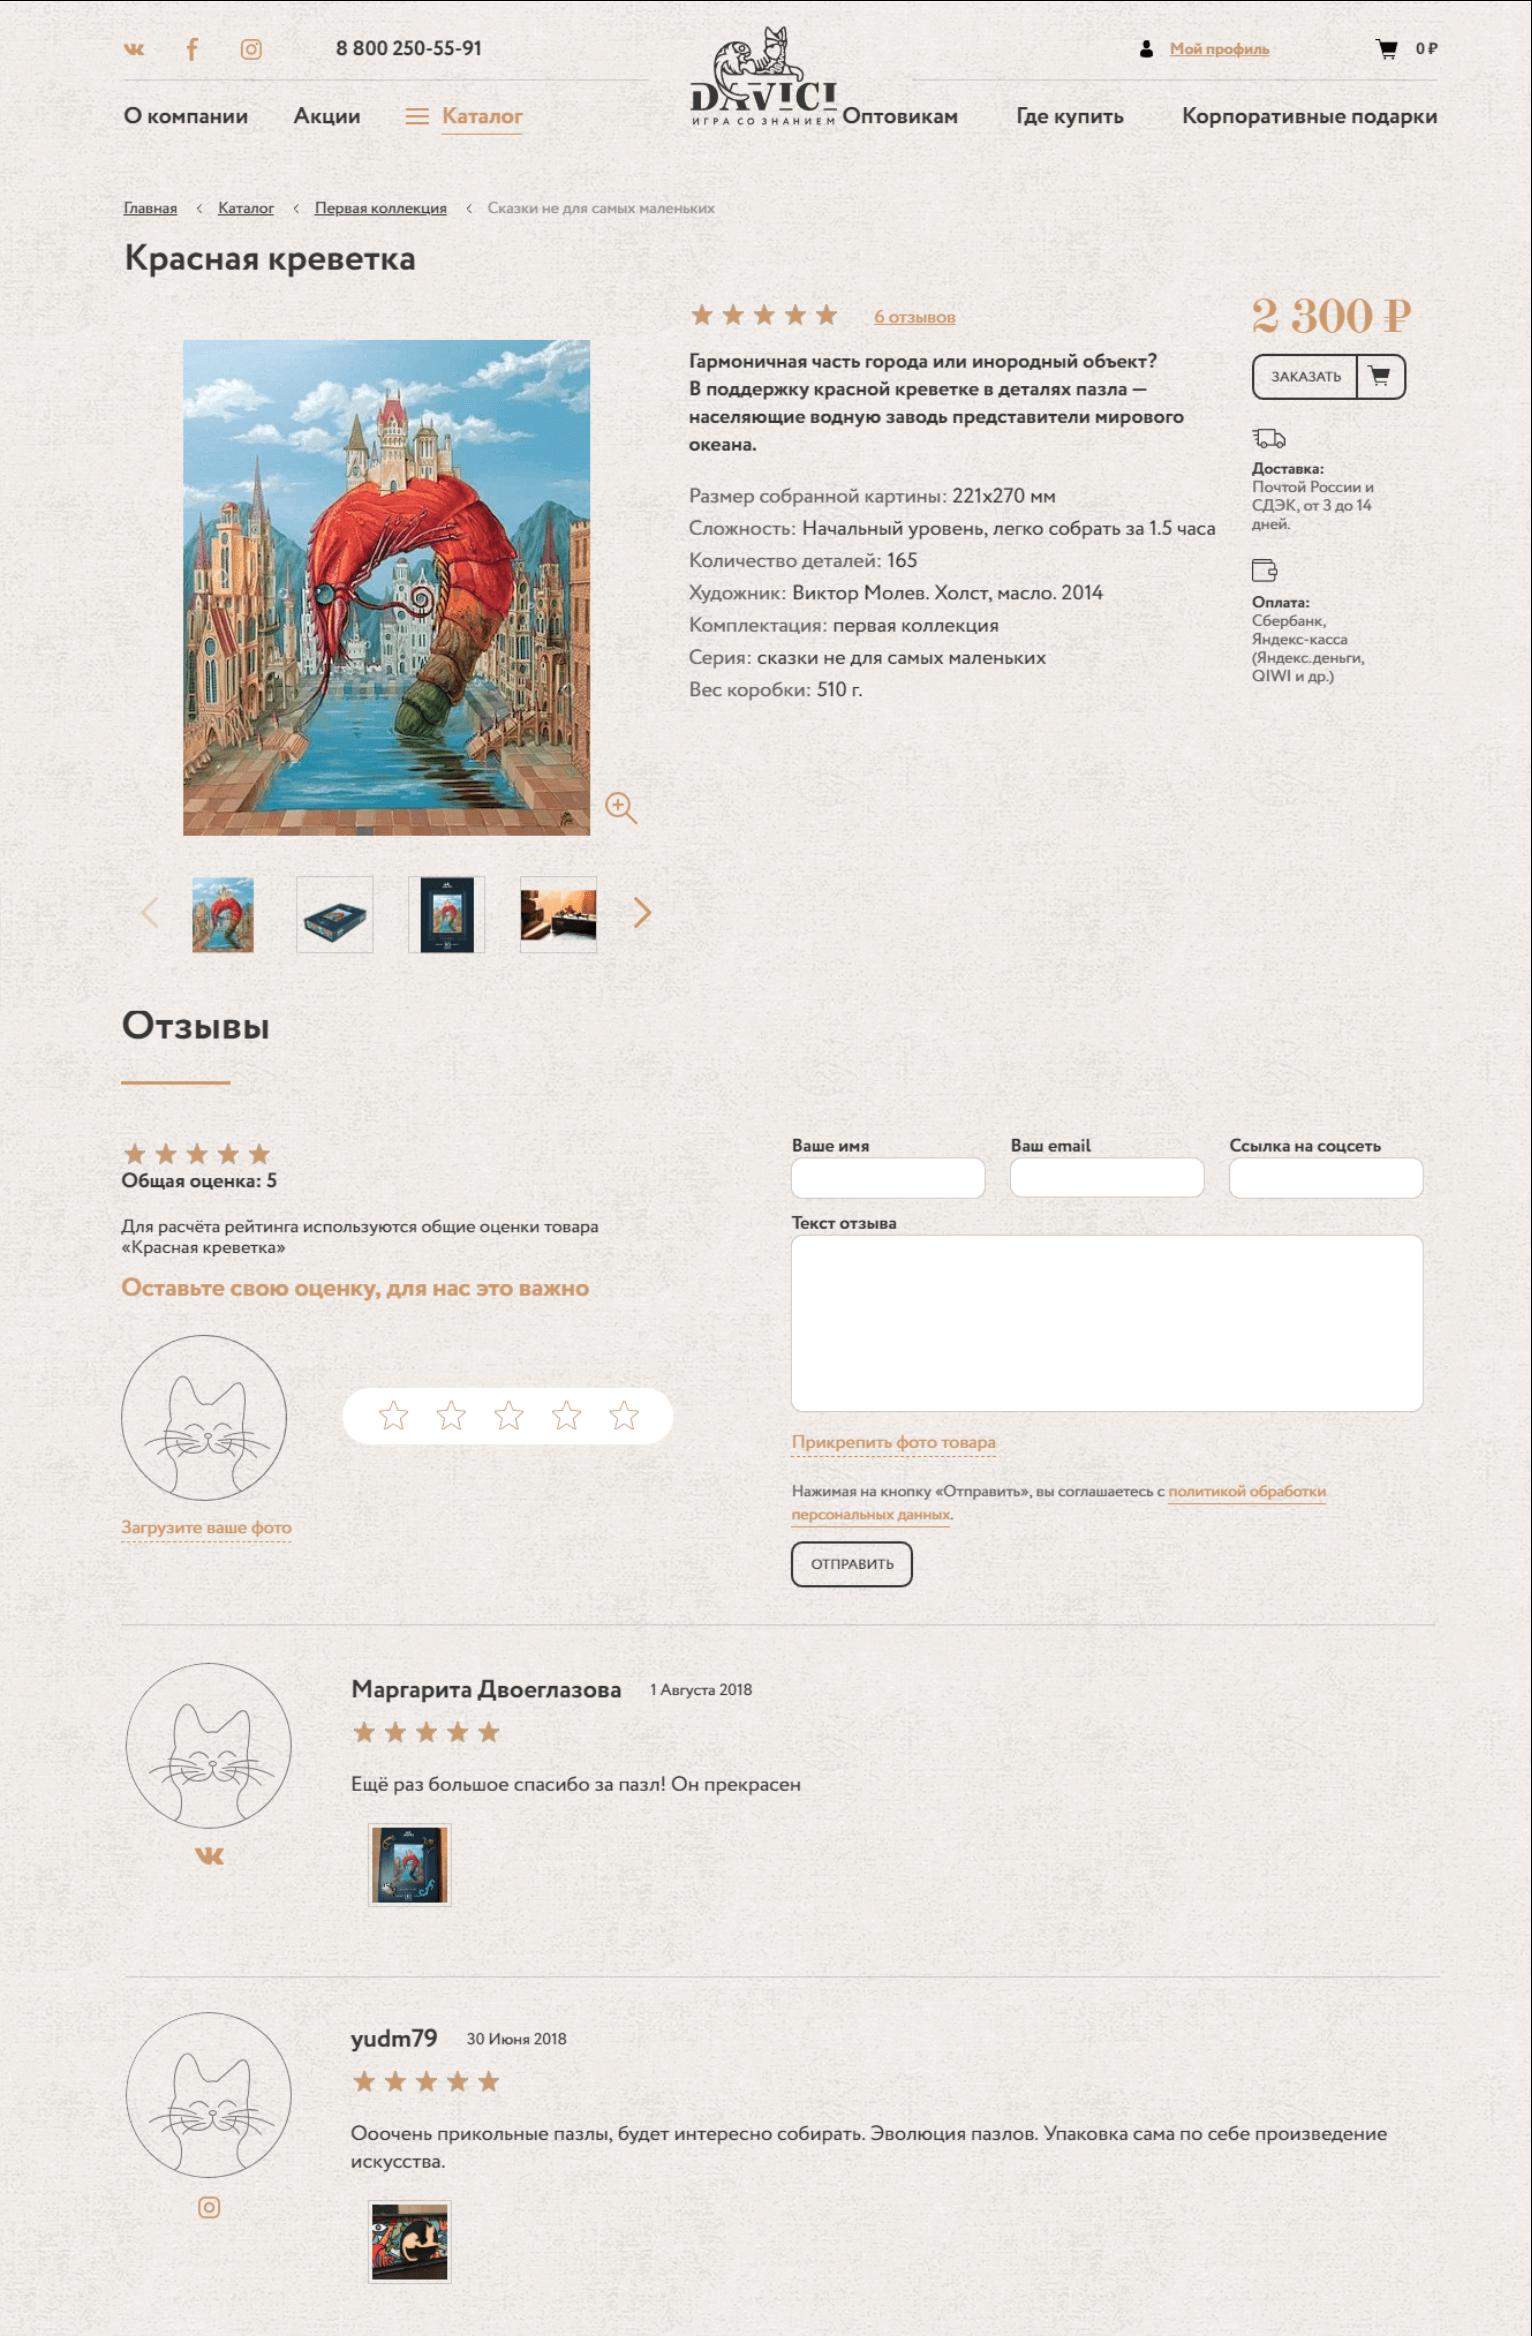 <p>Надетальной страничке— галерея изфото, информация охарактеристиках товара, доставке иоплате. Отзывы отреальных покупателей укрепляют решение опокупке— для них мыпредусмотрели форму, ккоторой можно приложить фотографии.</p>